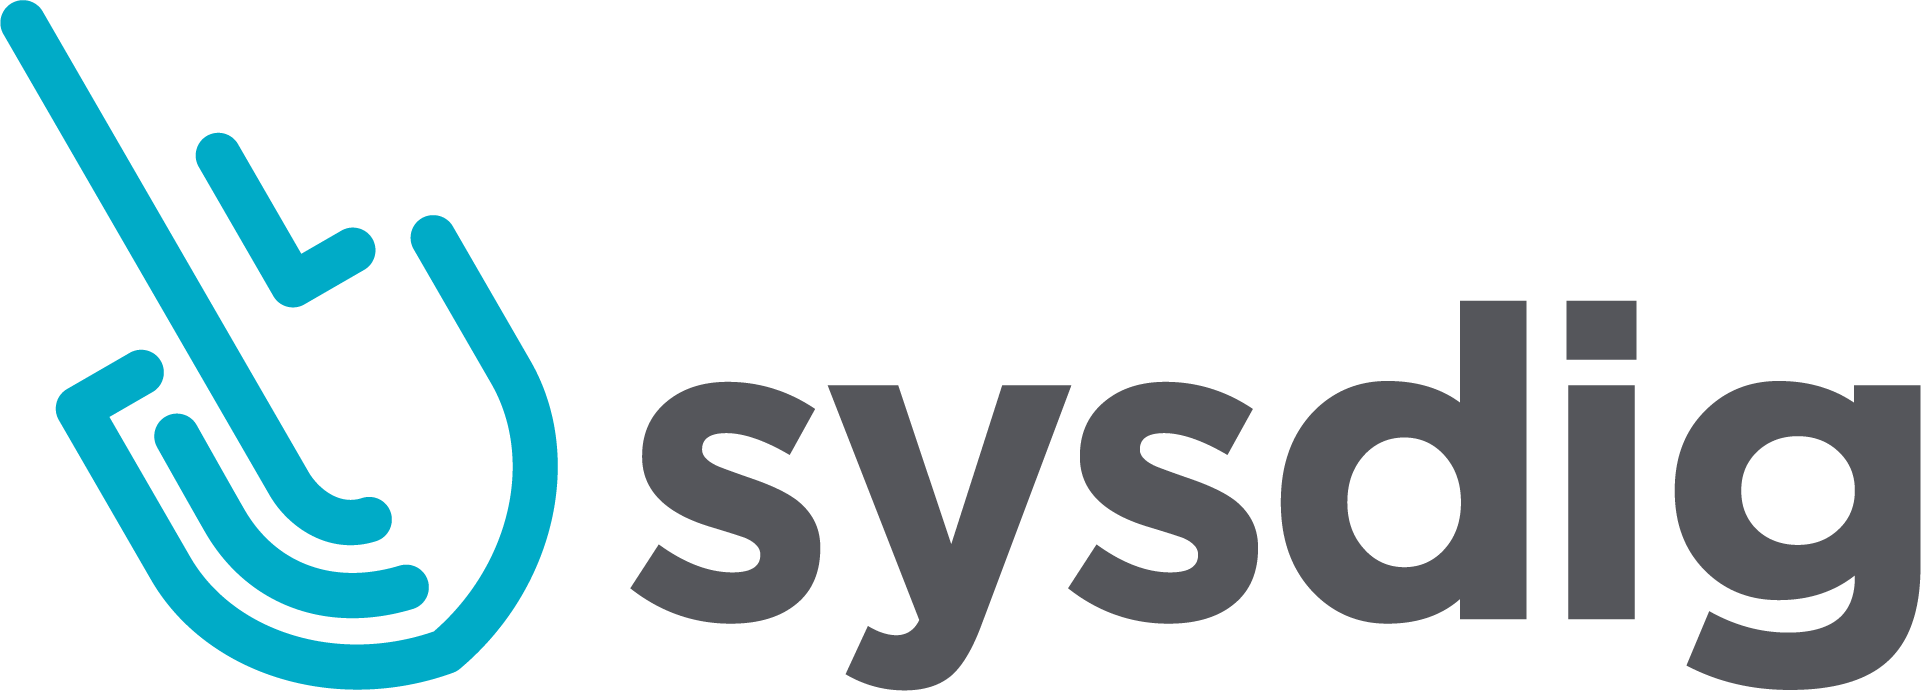 sysdig_Horz_Color_Logo_RGB_lrg